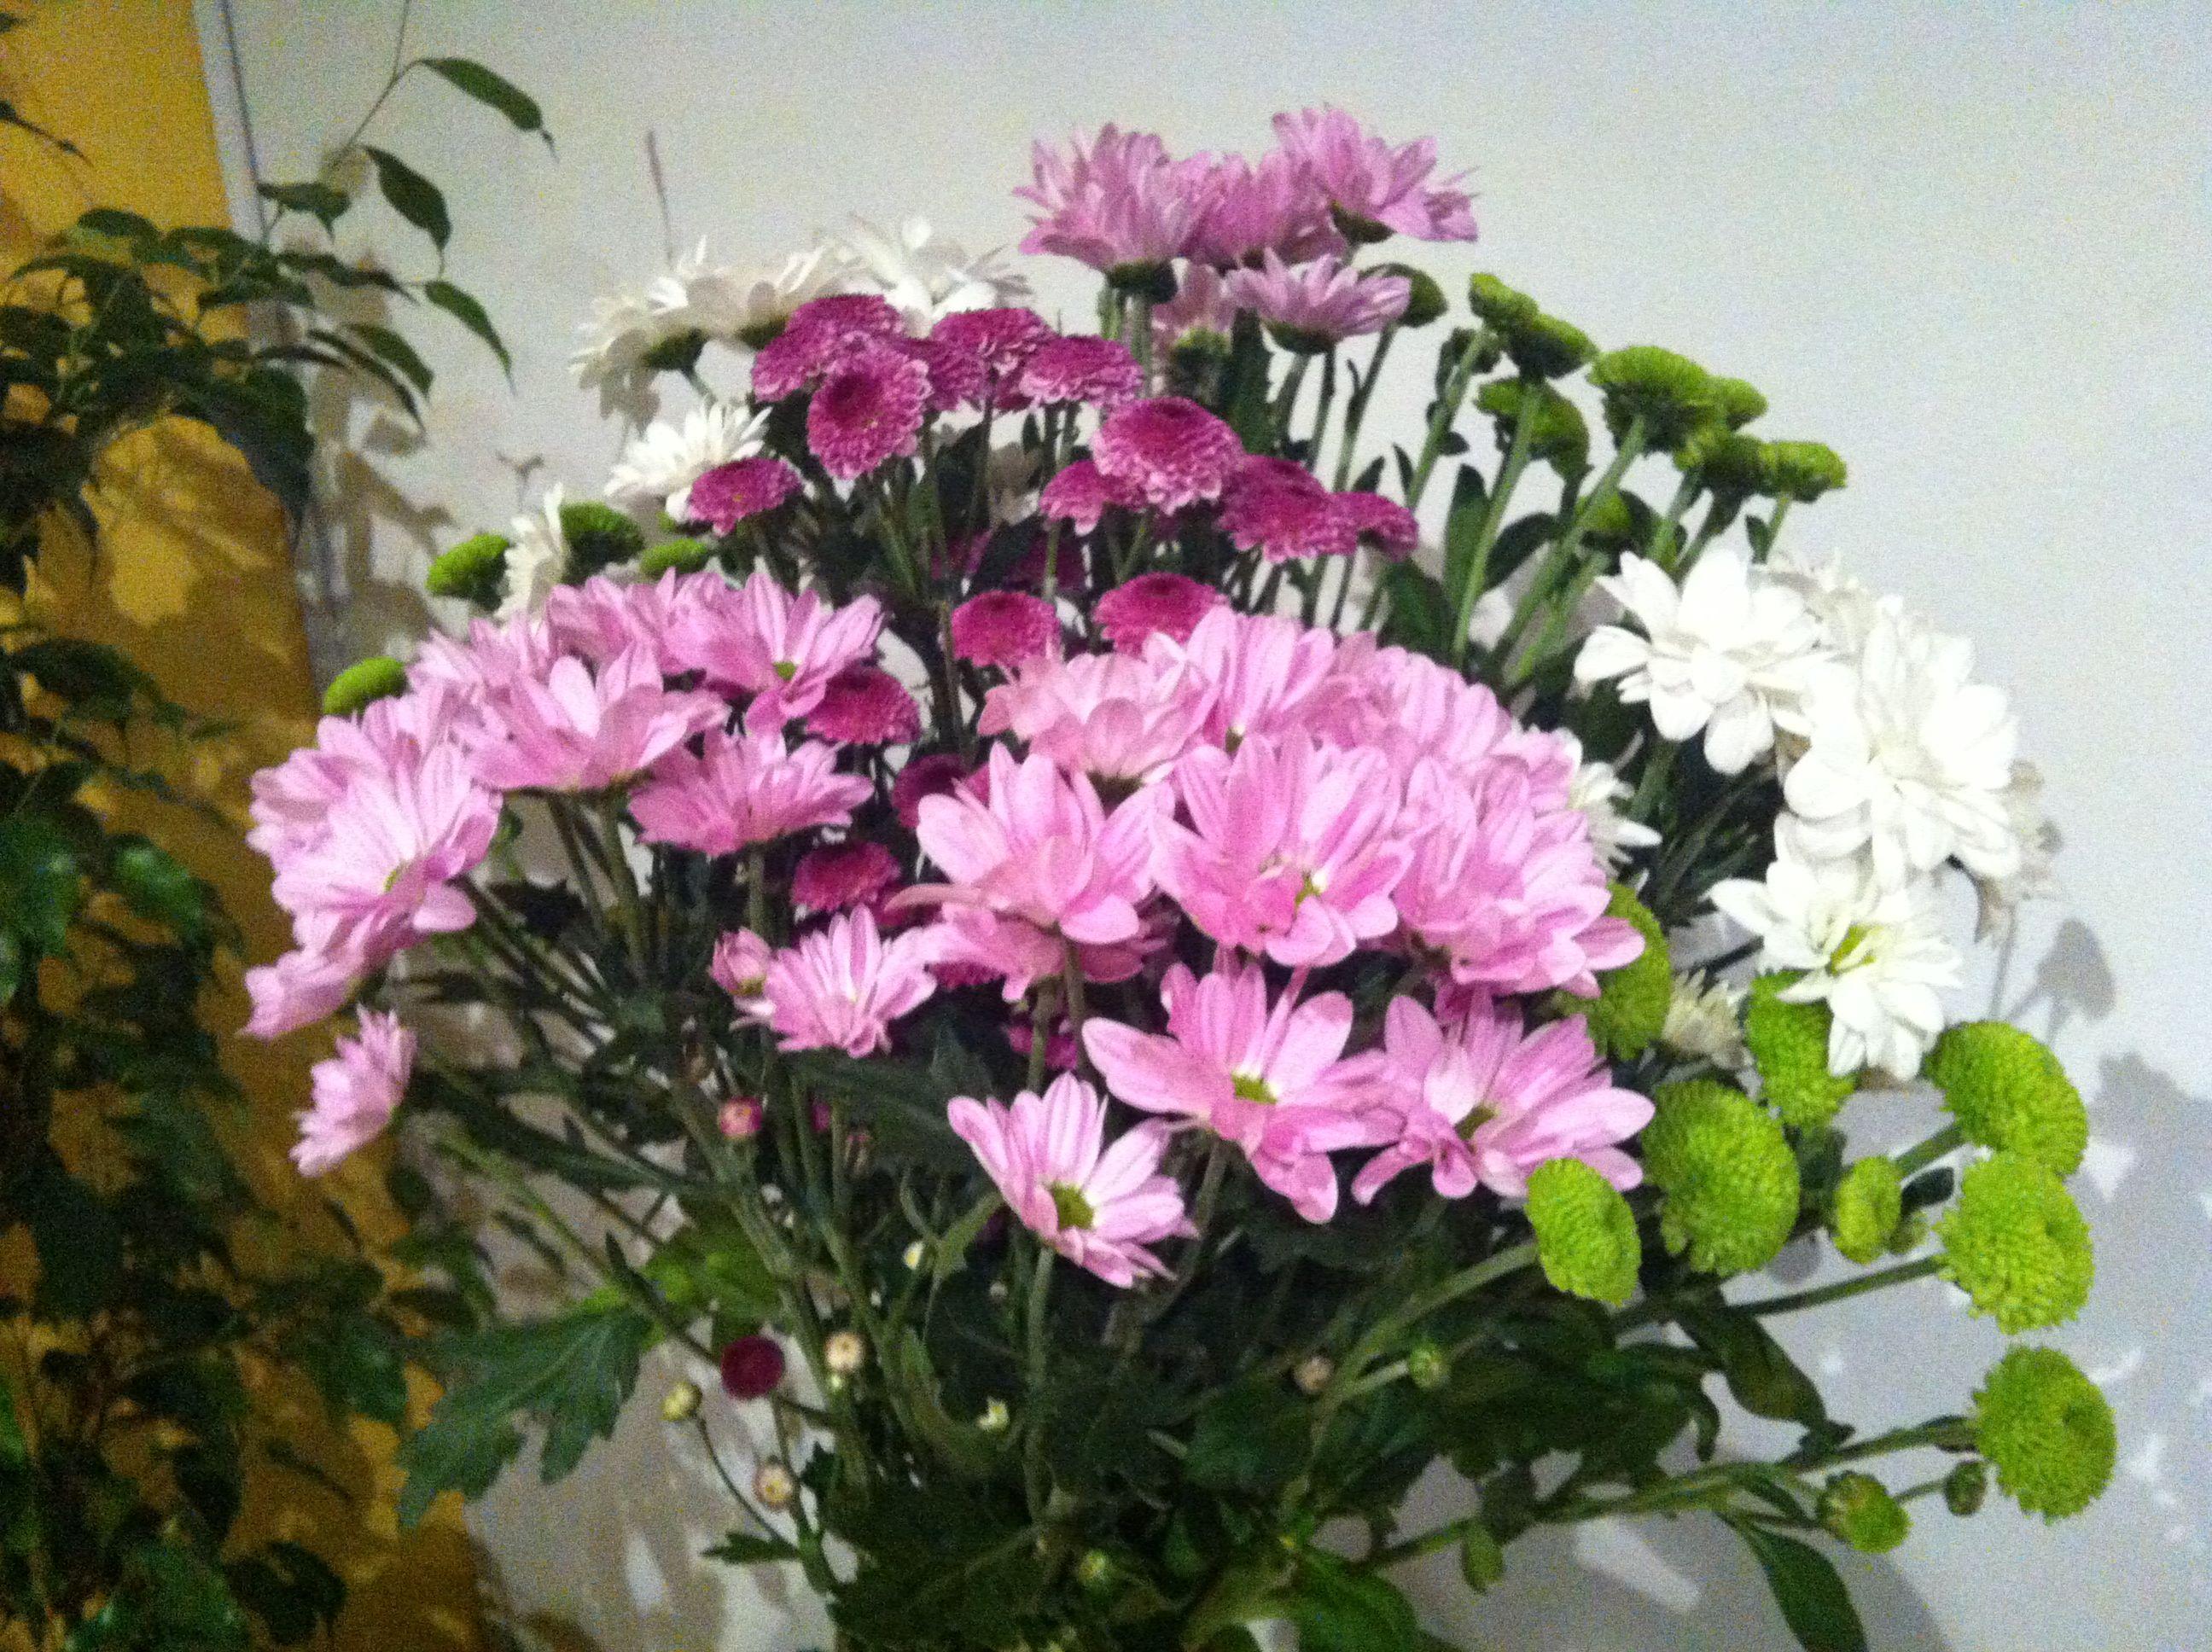 Detalles de decoración floral, siempre a tu gusto